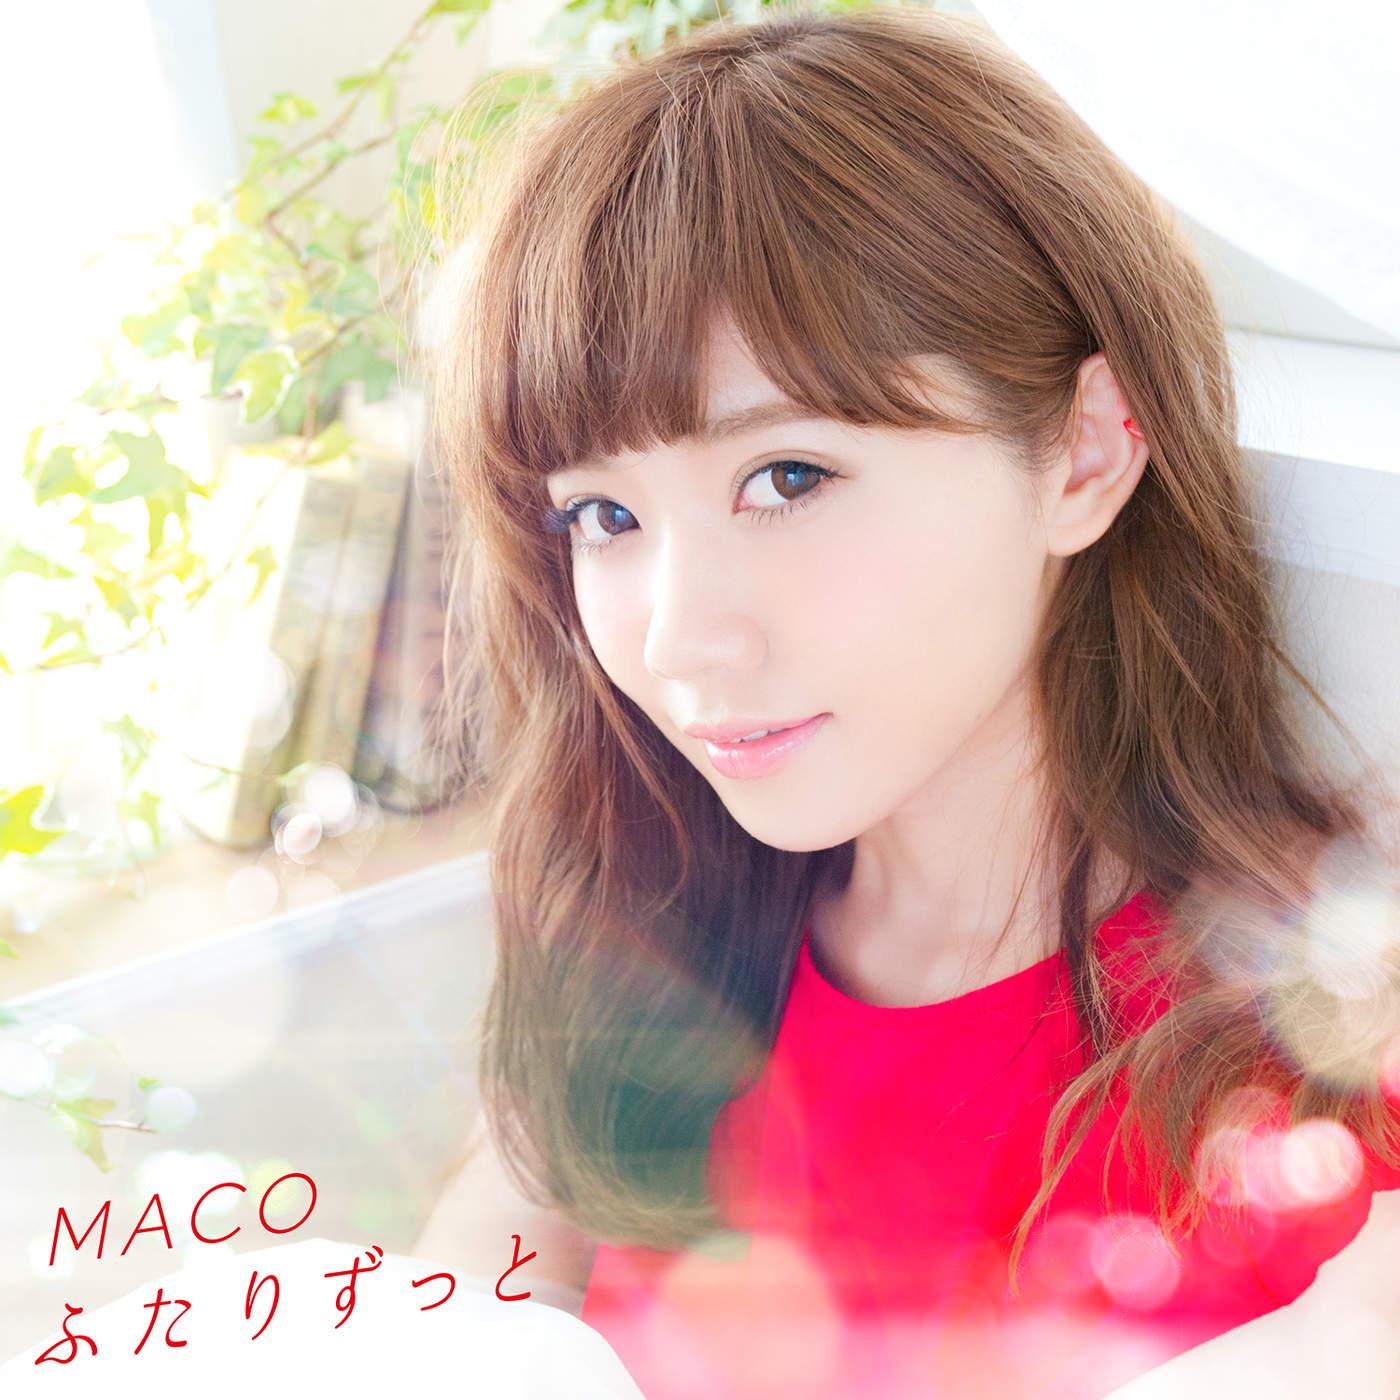 MACO - Futari Zutto - Single